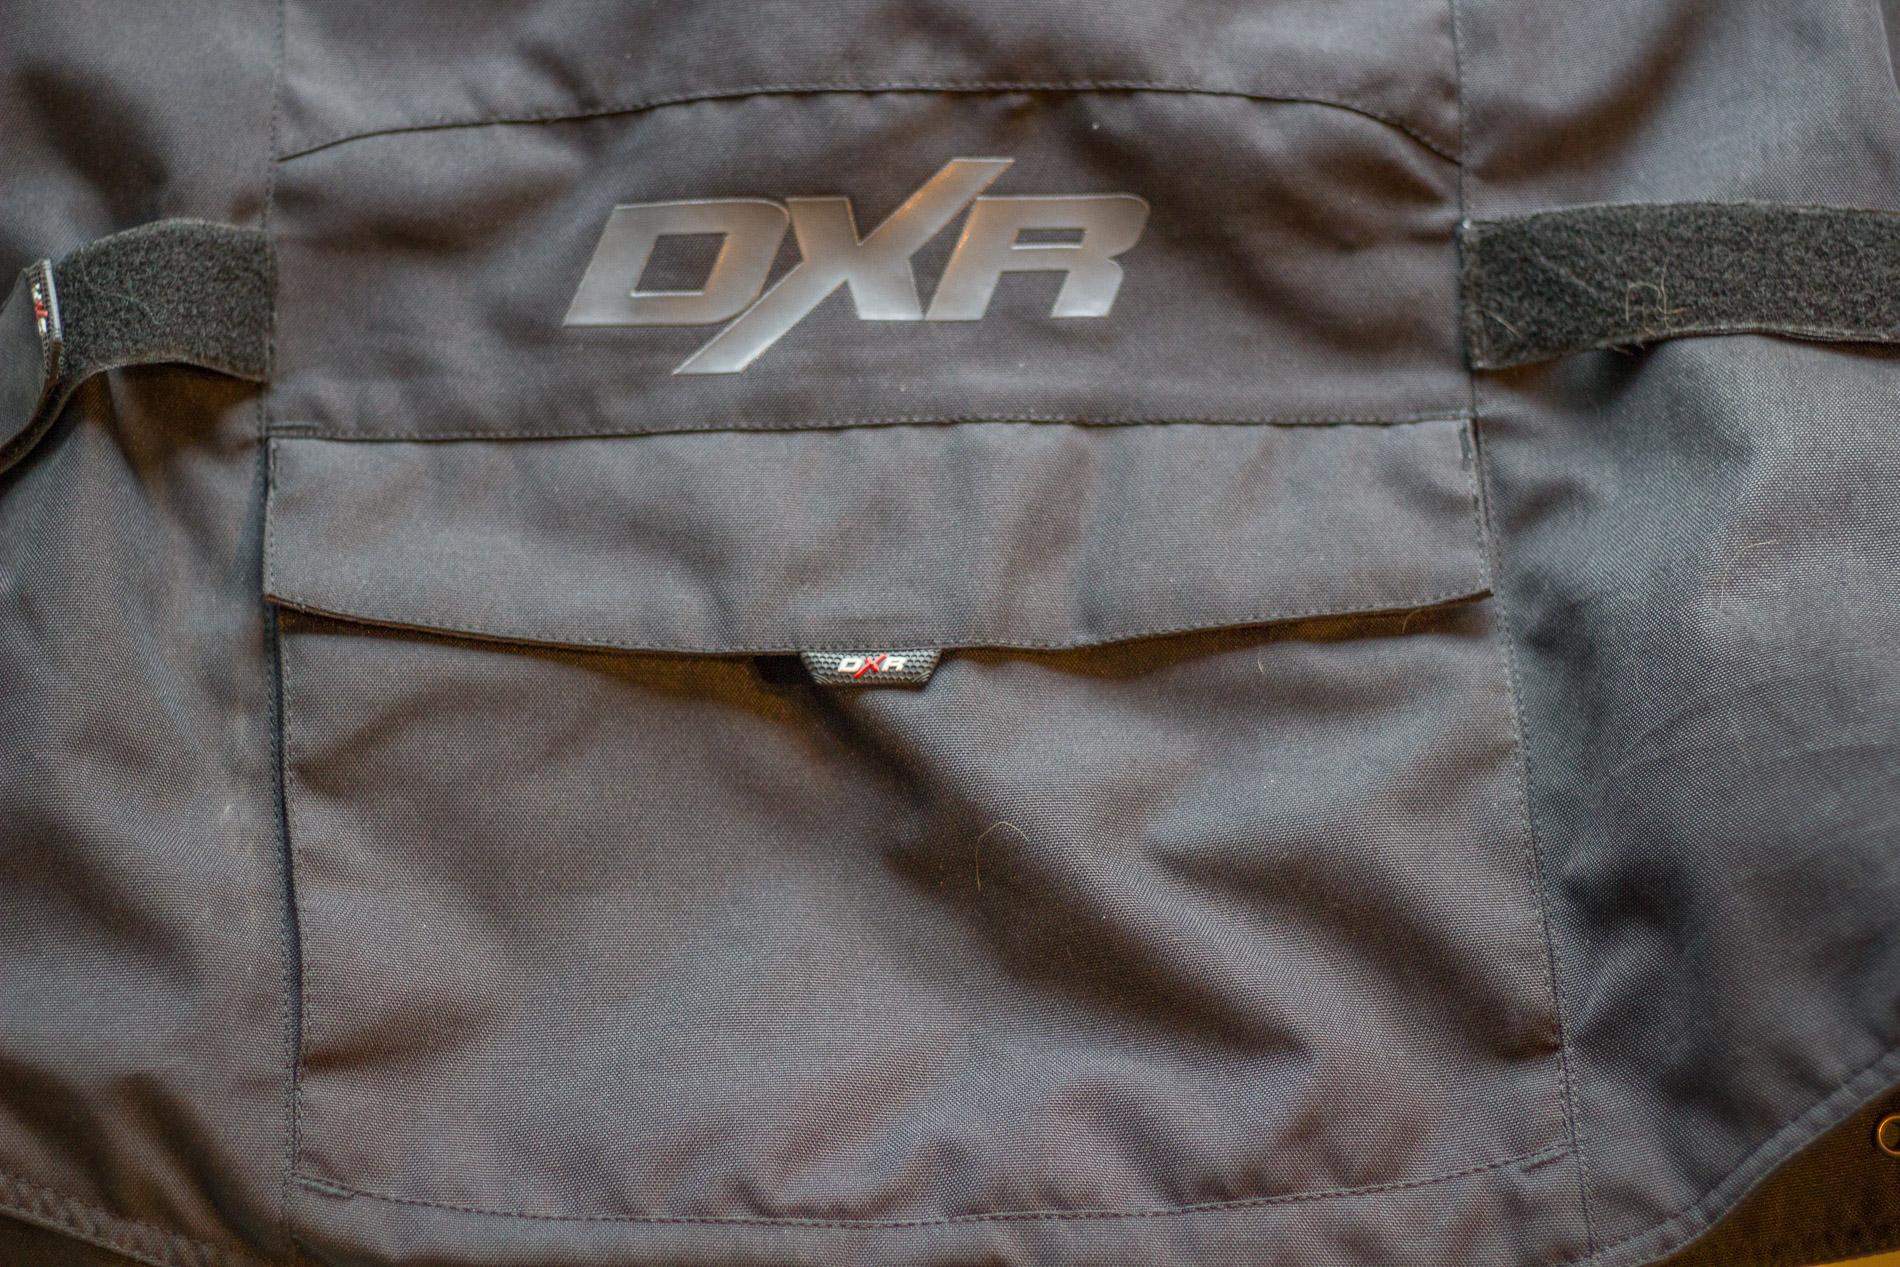 Un petit rangement pratique, pour ranger un petit pantalon de pluie. Attention : ne pas mettre d'objet dur, qui pourrait être dangereux en cas de chute